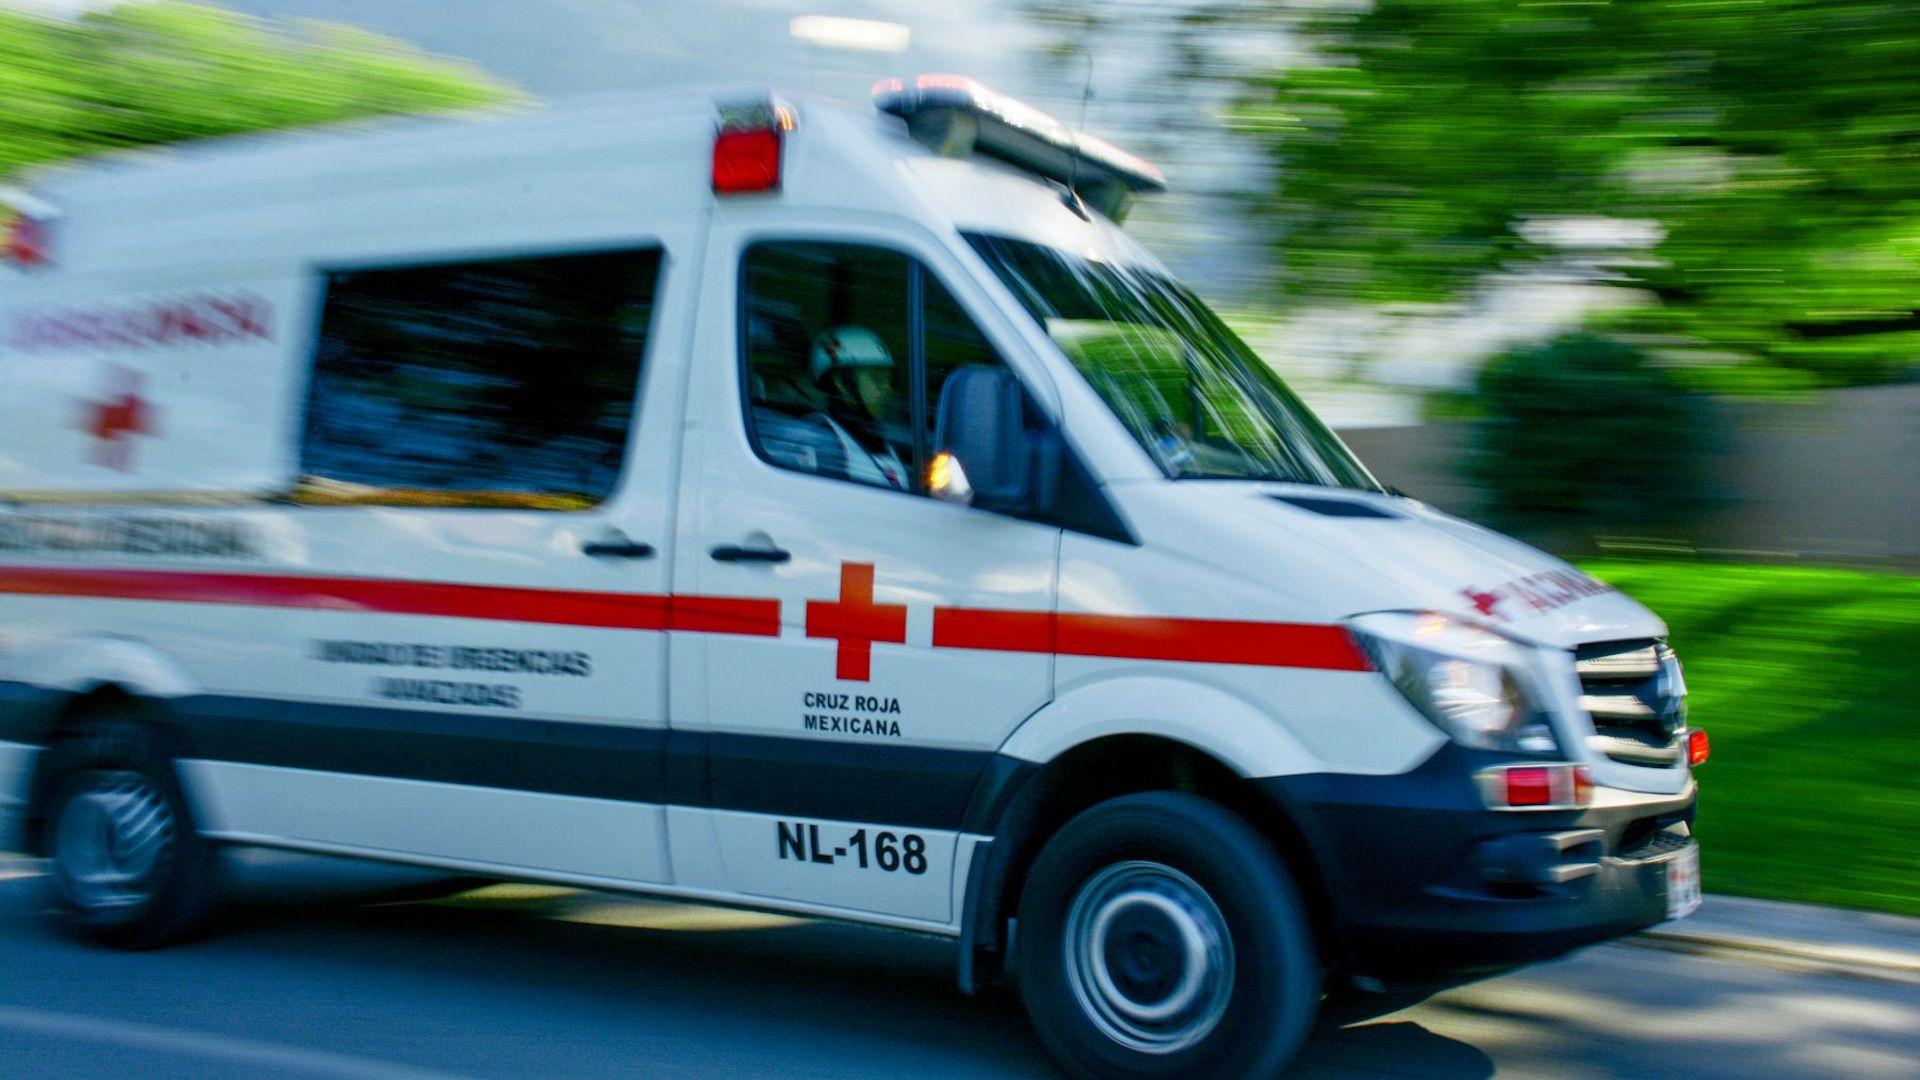 Mueren 3 personas en accidente cuando iban de visita a Piaxtla